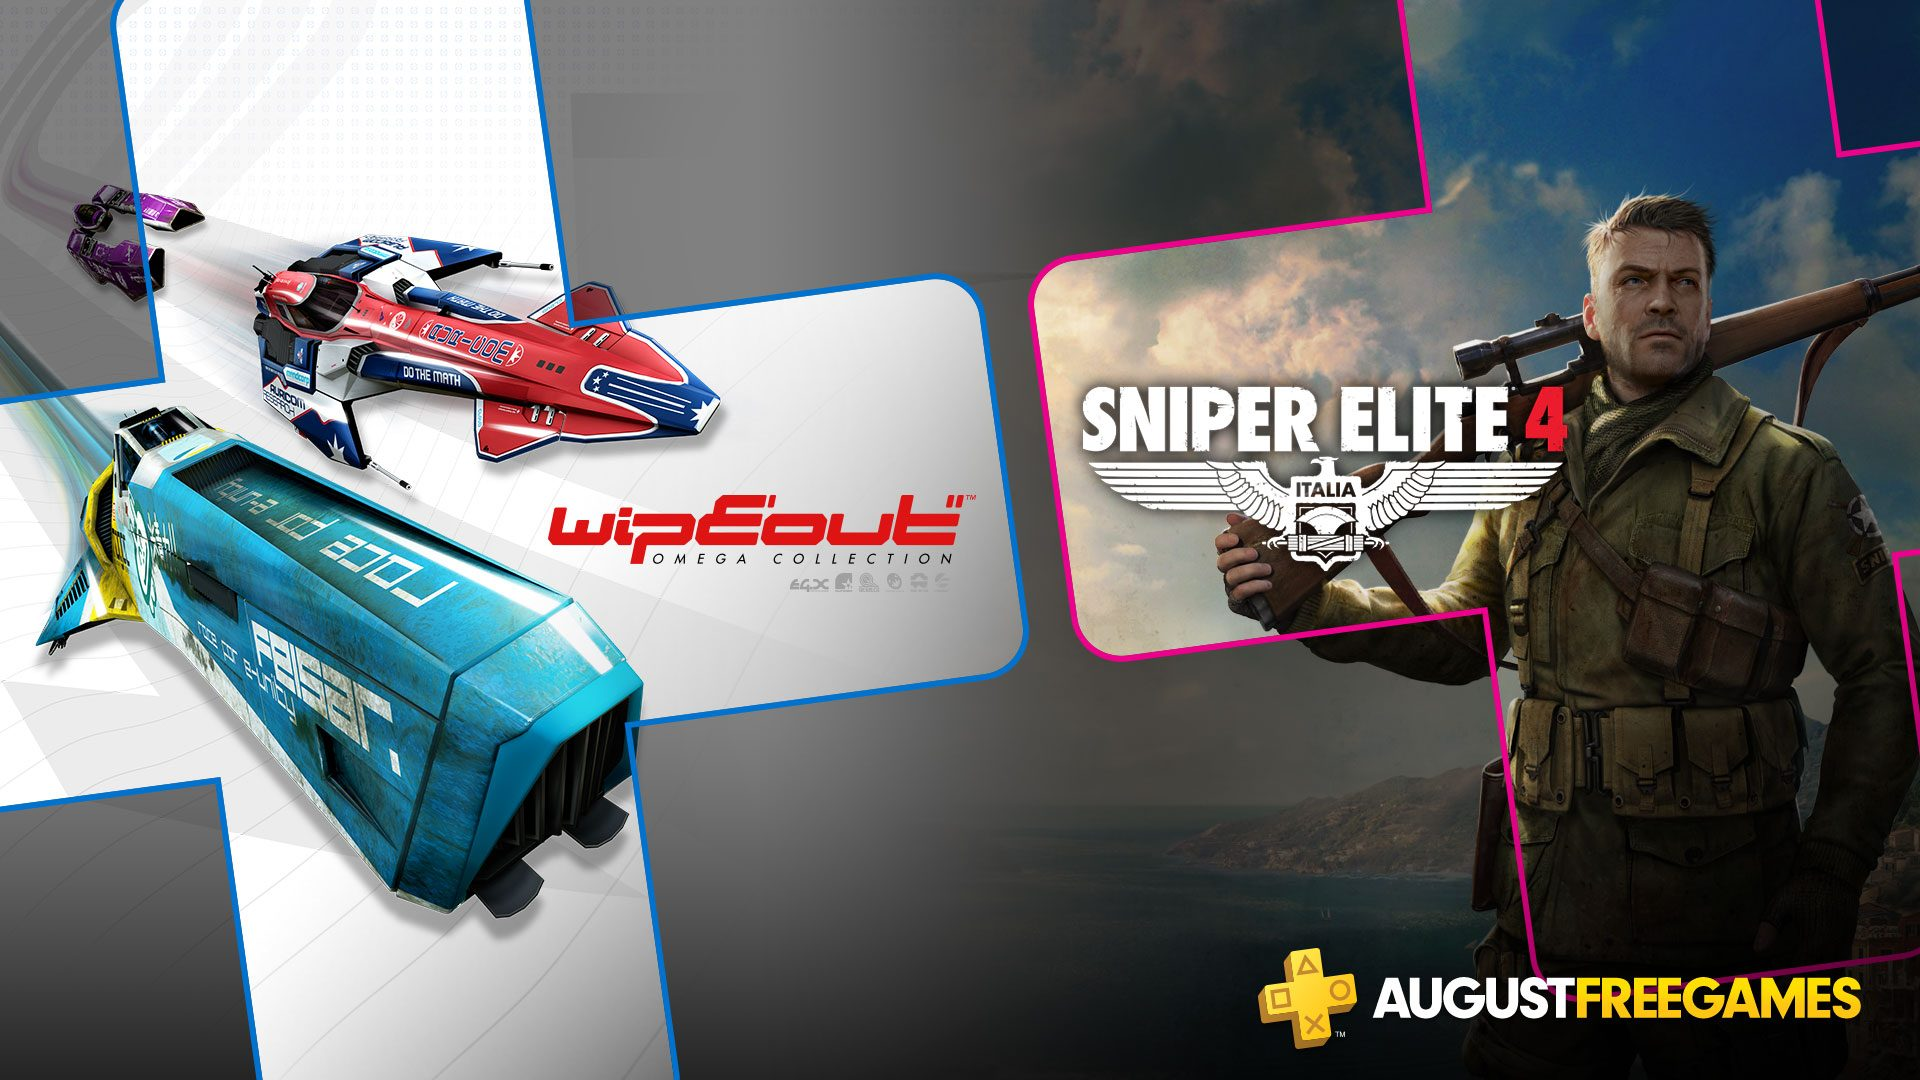 Playstation Plus | WipEout Omega Collection e Sniper Elite 4 são os games da PS Plus de agosto